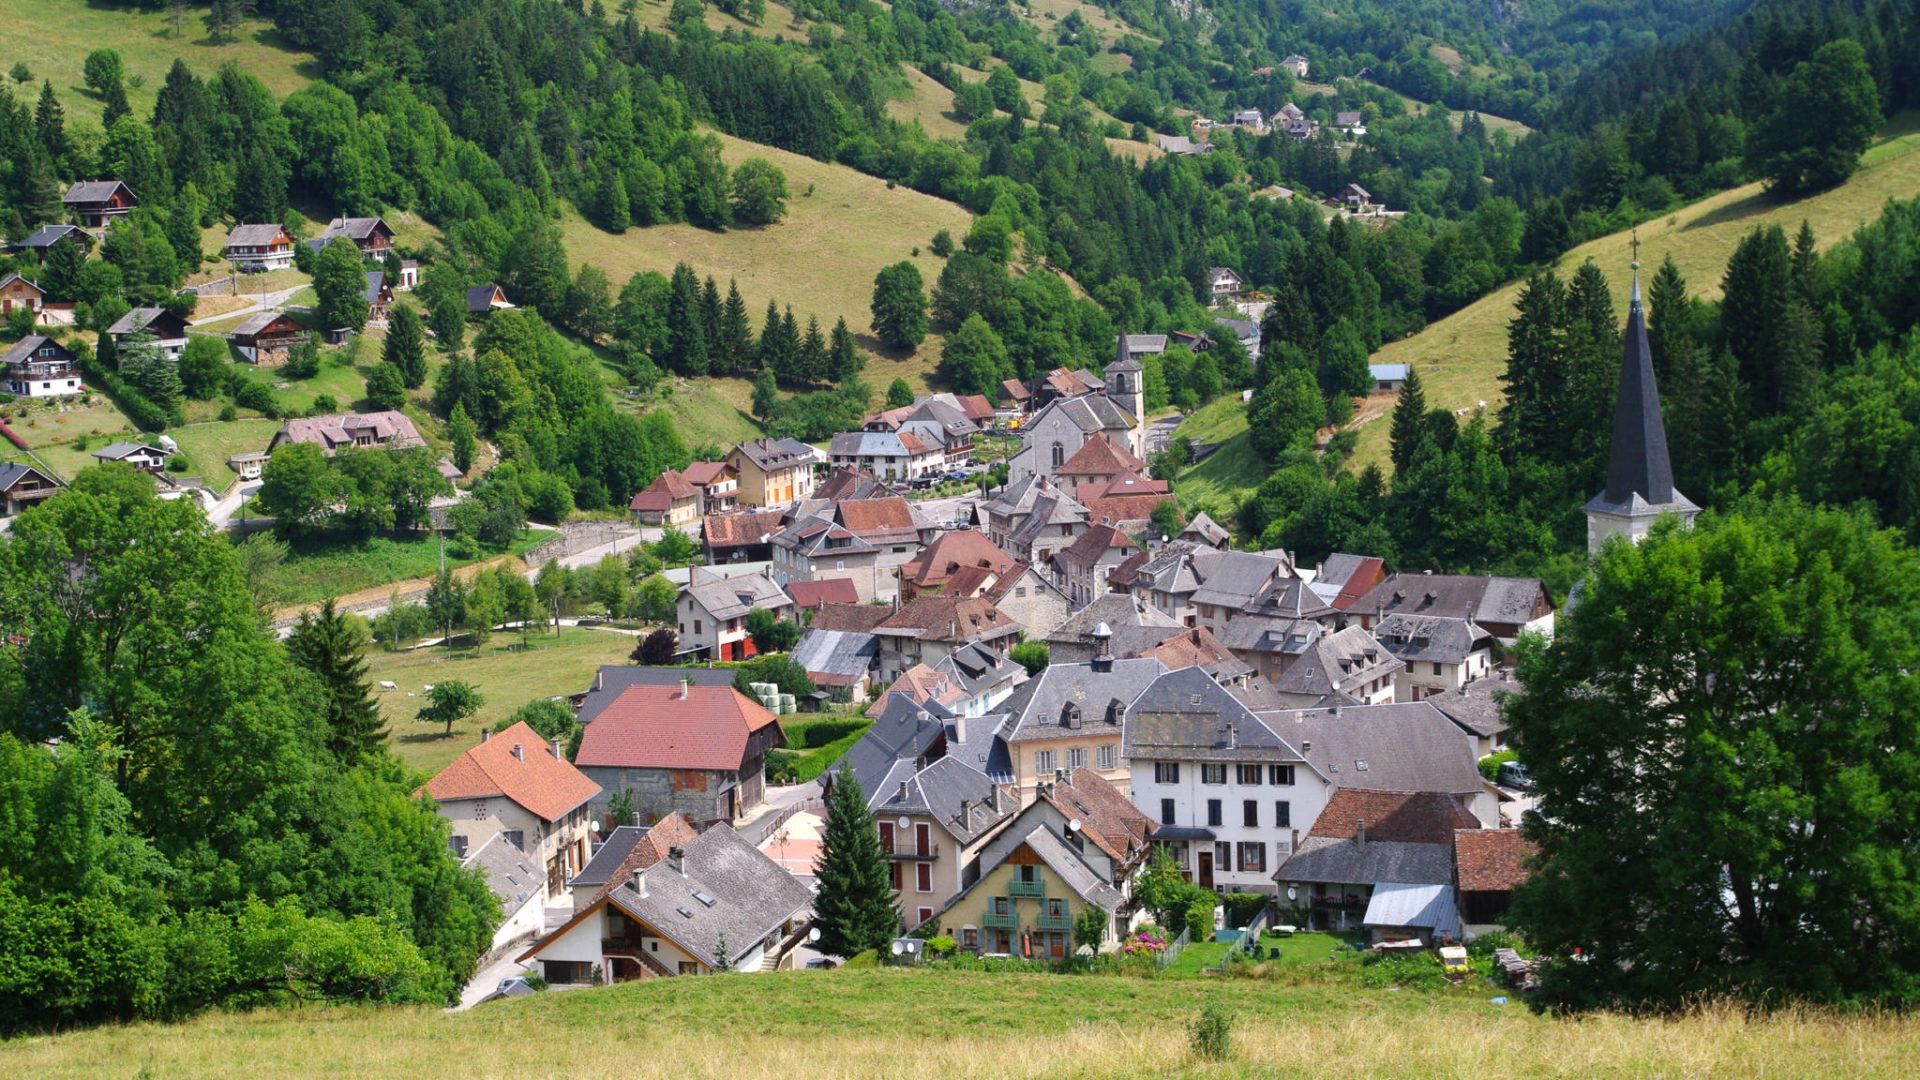 Le village de Saint Pierre d'Entremont en Chartreuse